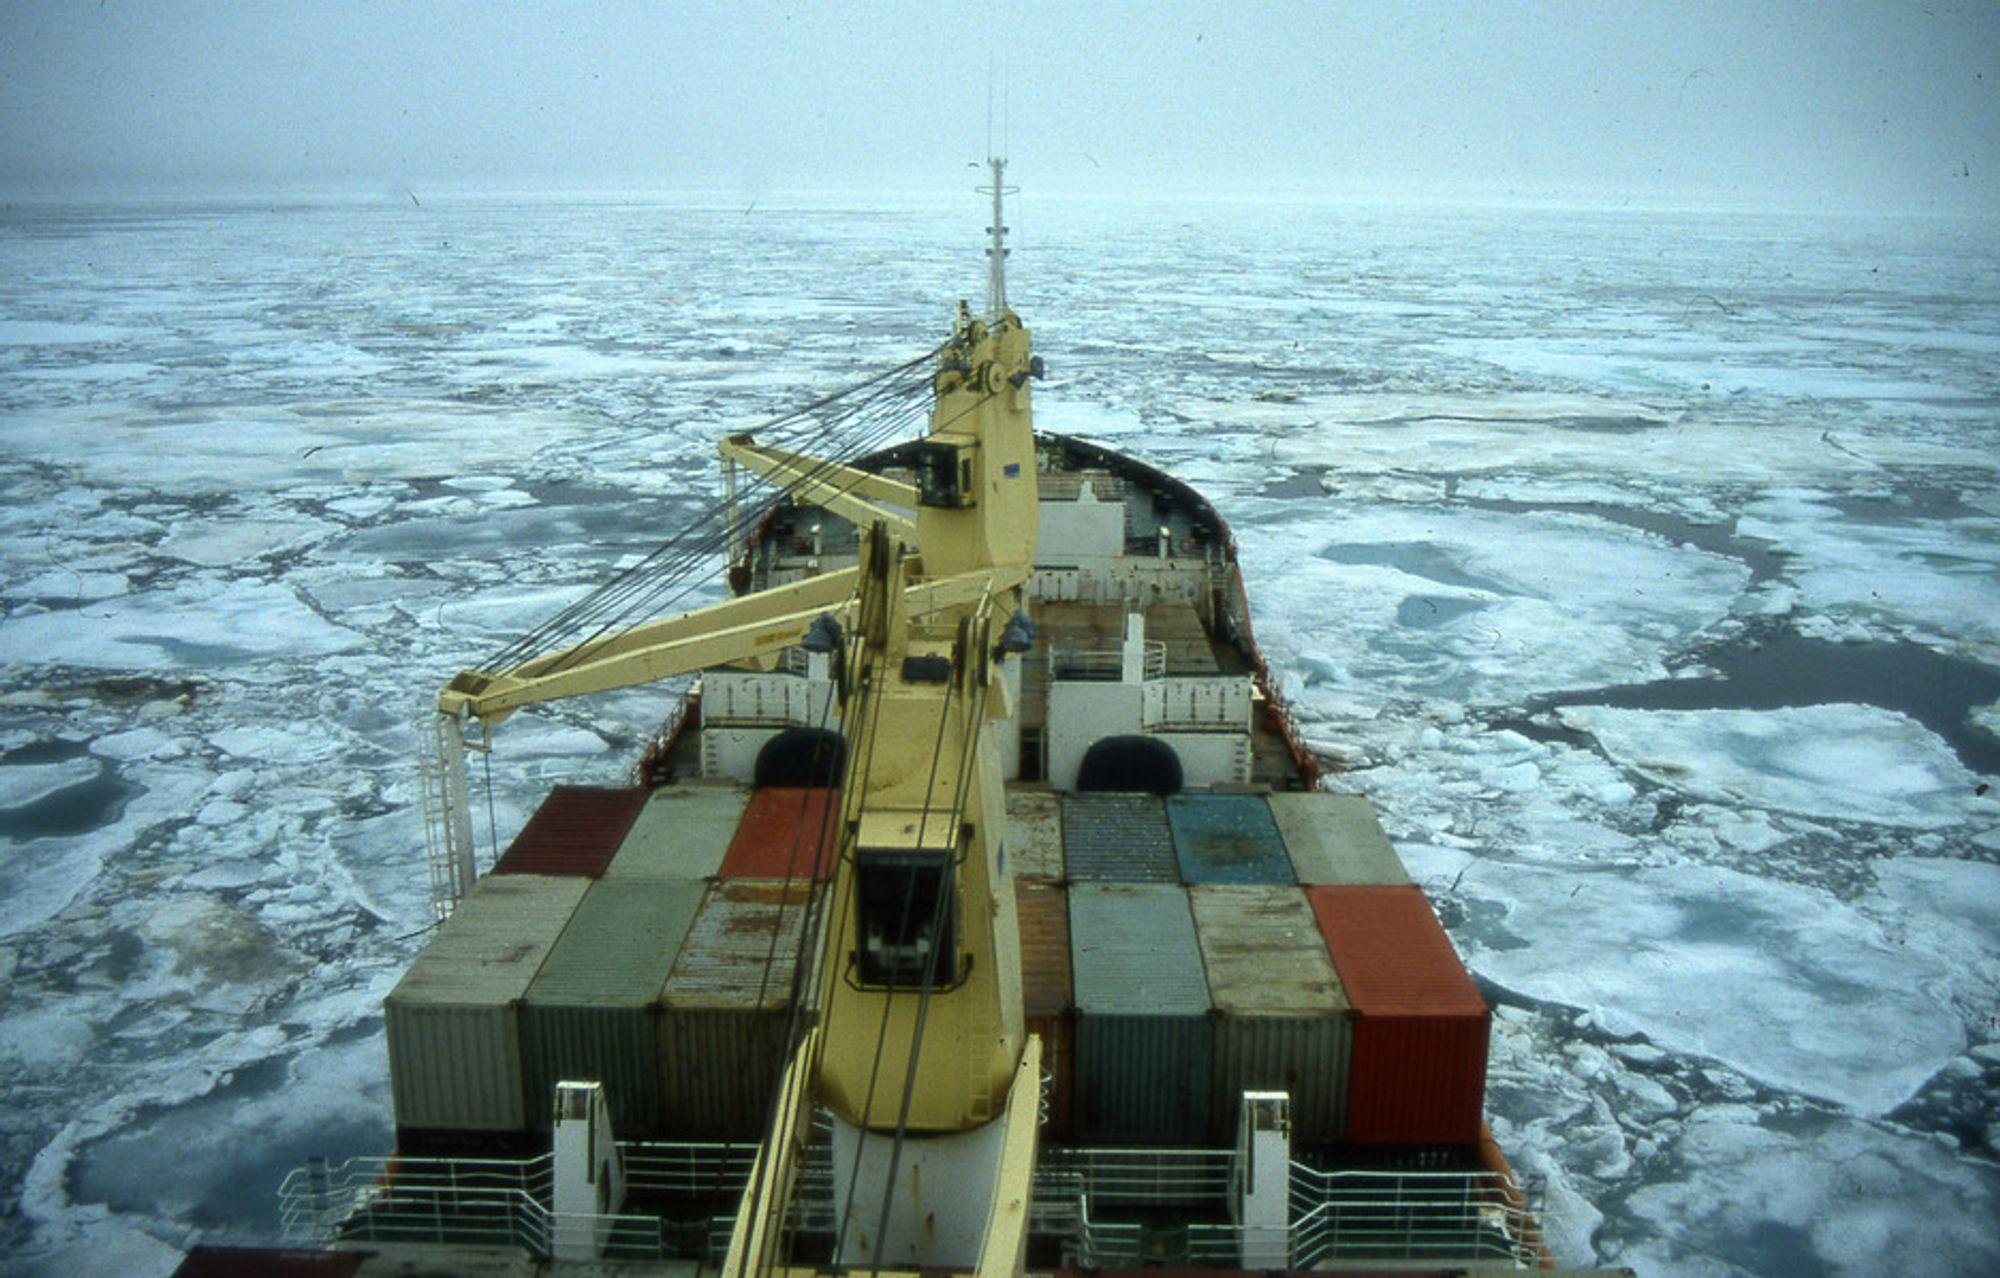 Nordøstpassasjen blir mer og mer isfri. Det skaper også muligheter, mener regjeringen.